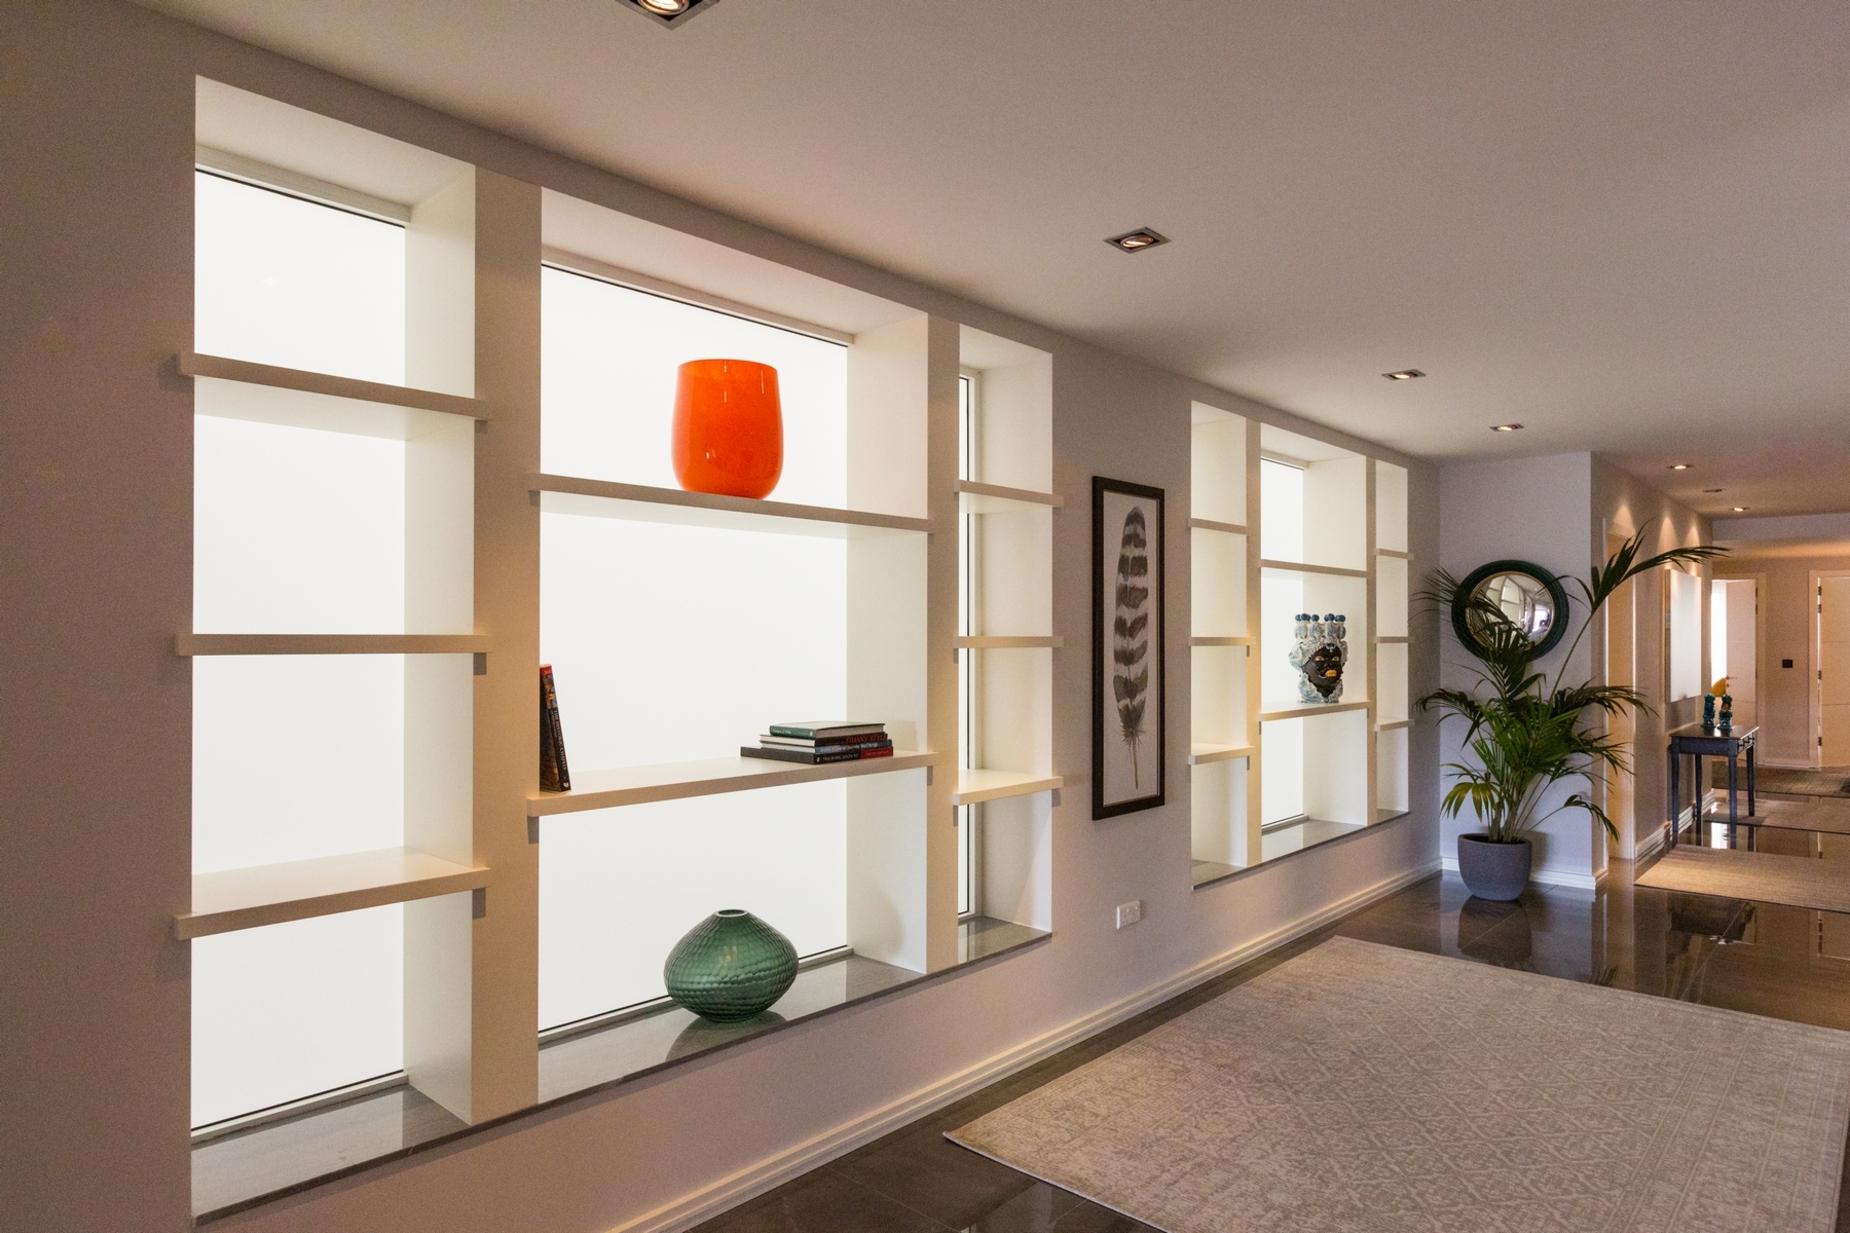 3 bed Apartment For Rent in Ta' Xbiex, Ta' Xbiex - thumb 4